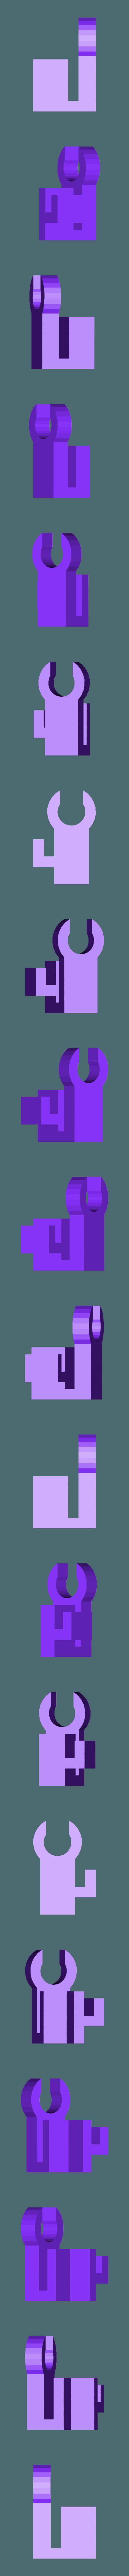 Clip_di_tenuta.stl Download free STL file Alfawise U30 - Guida filamento • 3D printable object, Scigola